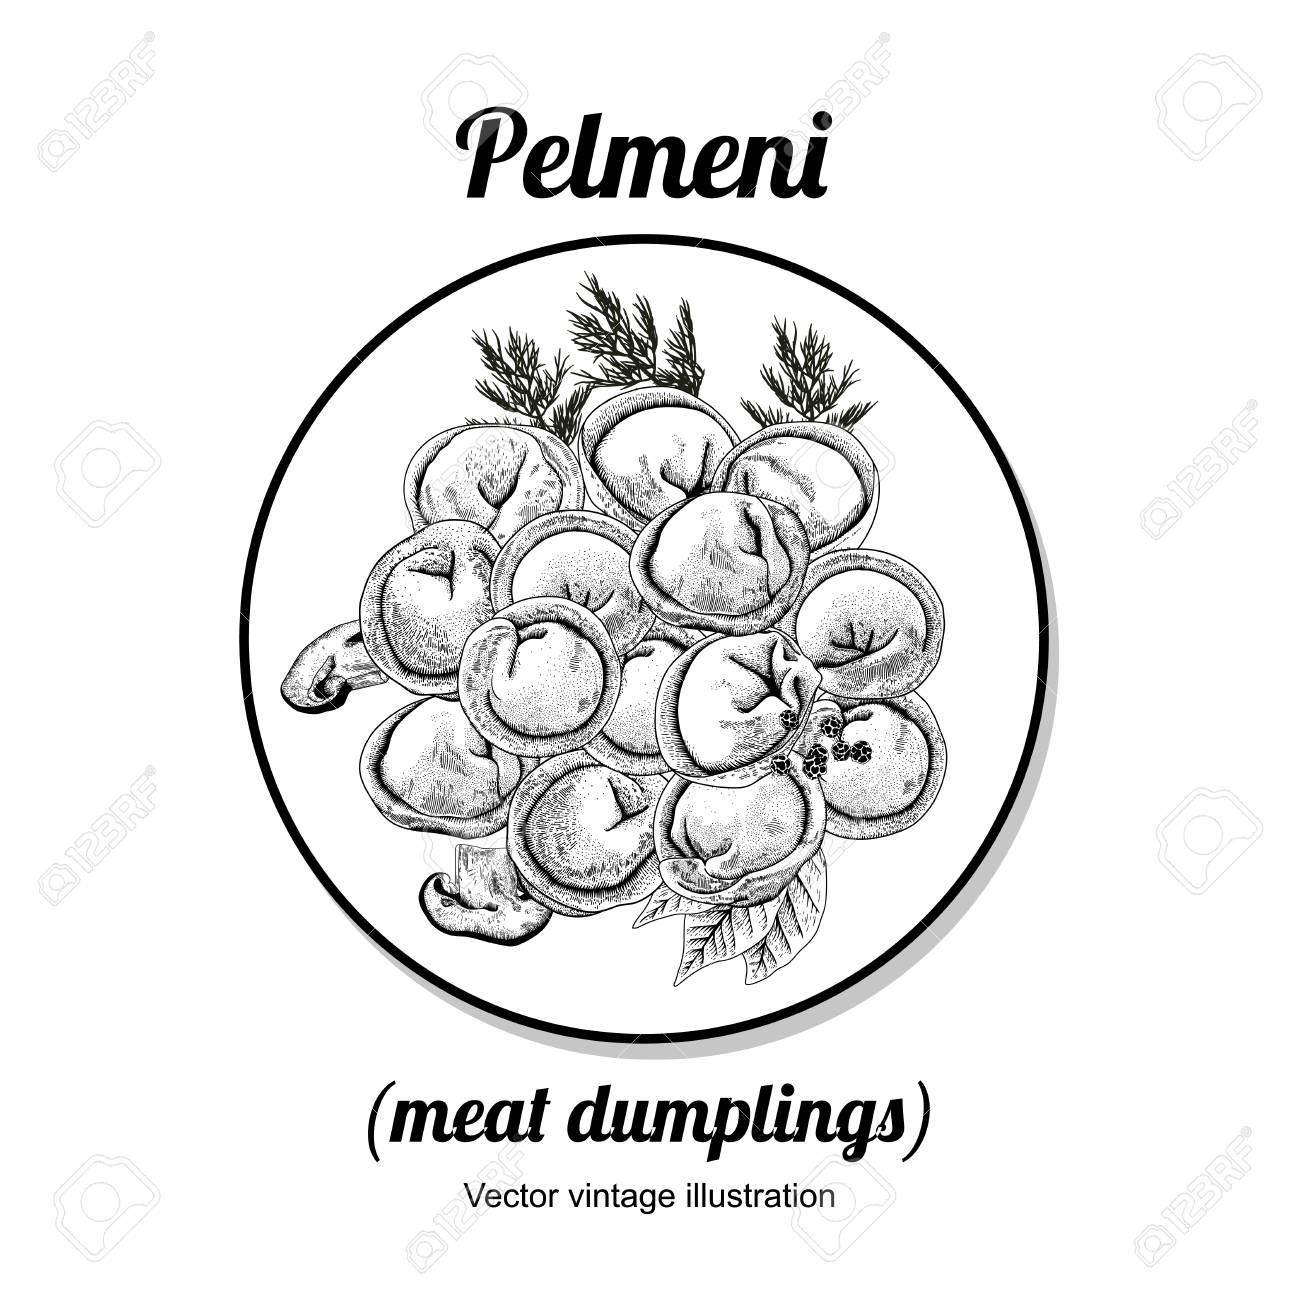 pelmeni meat dumplings food dill parsley black pepper bay  pelmeni meat dumplings food dill parsley black pepper bay leaf